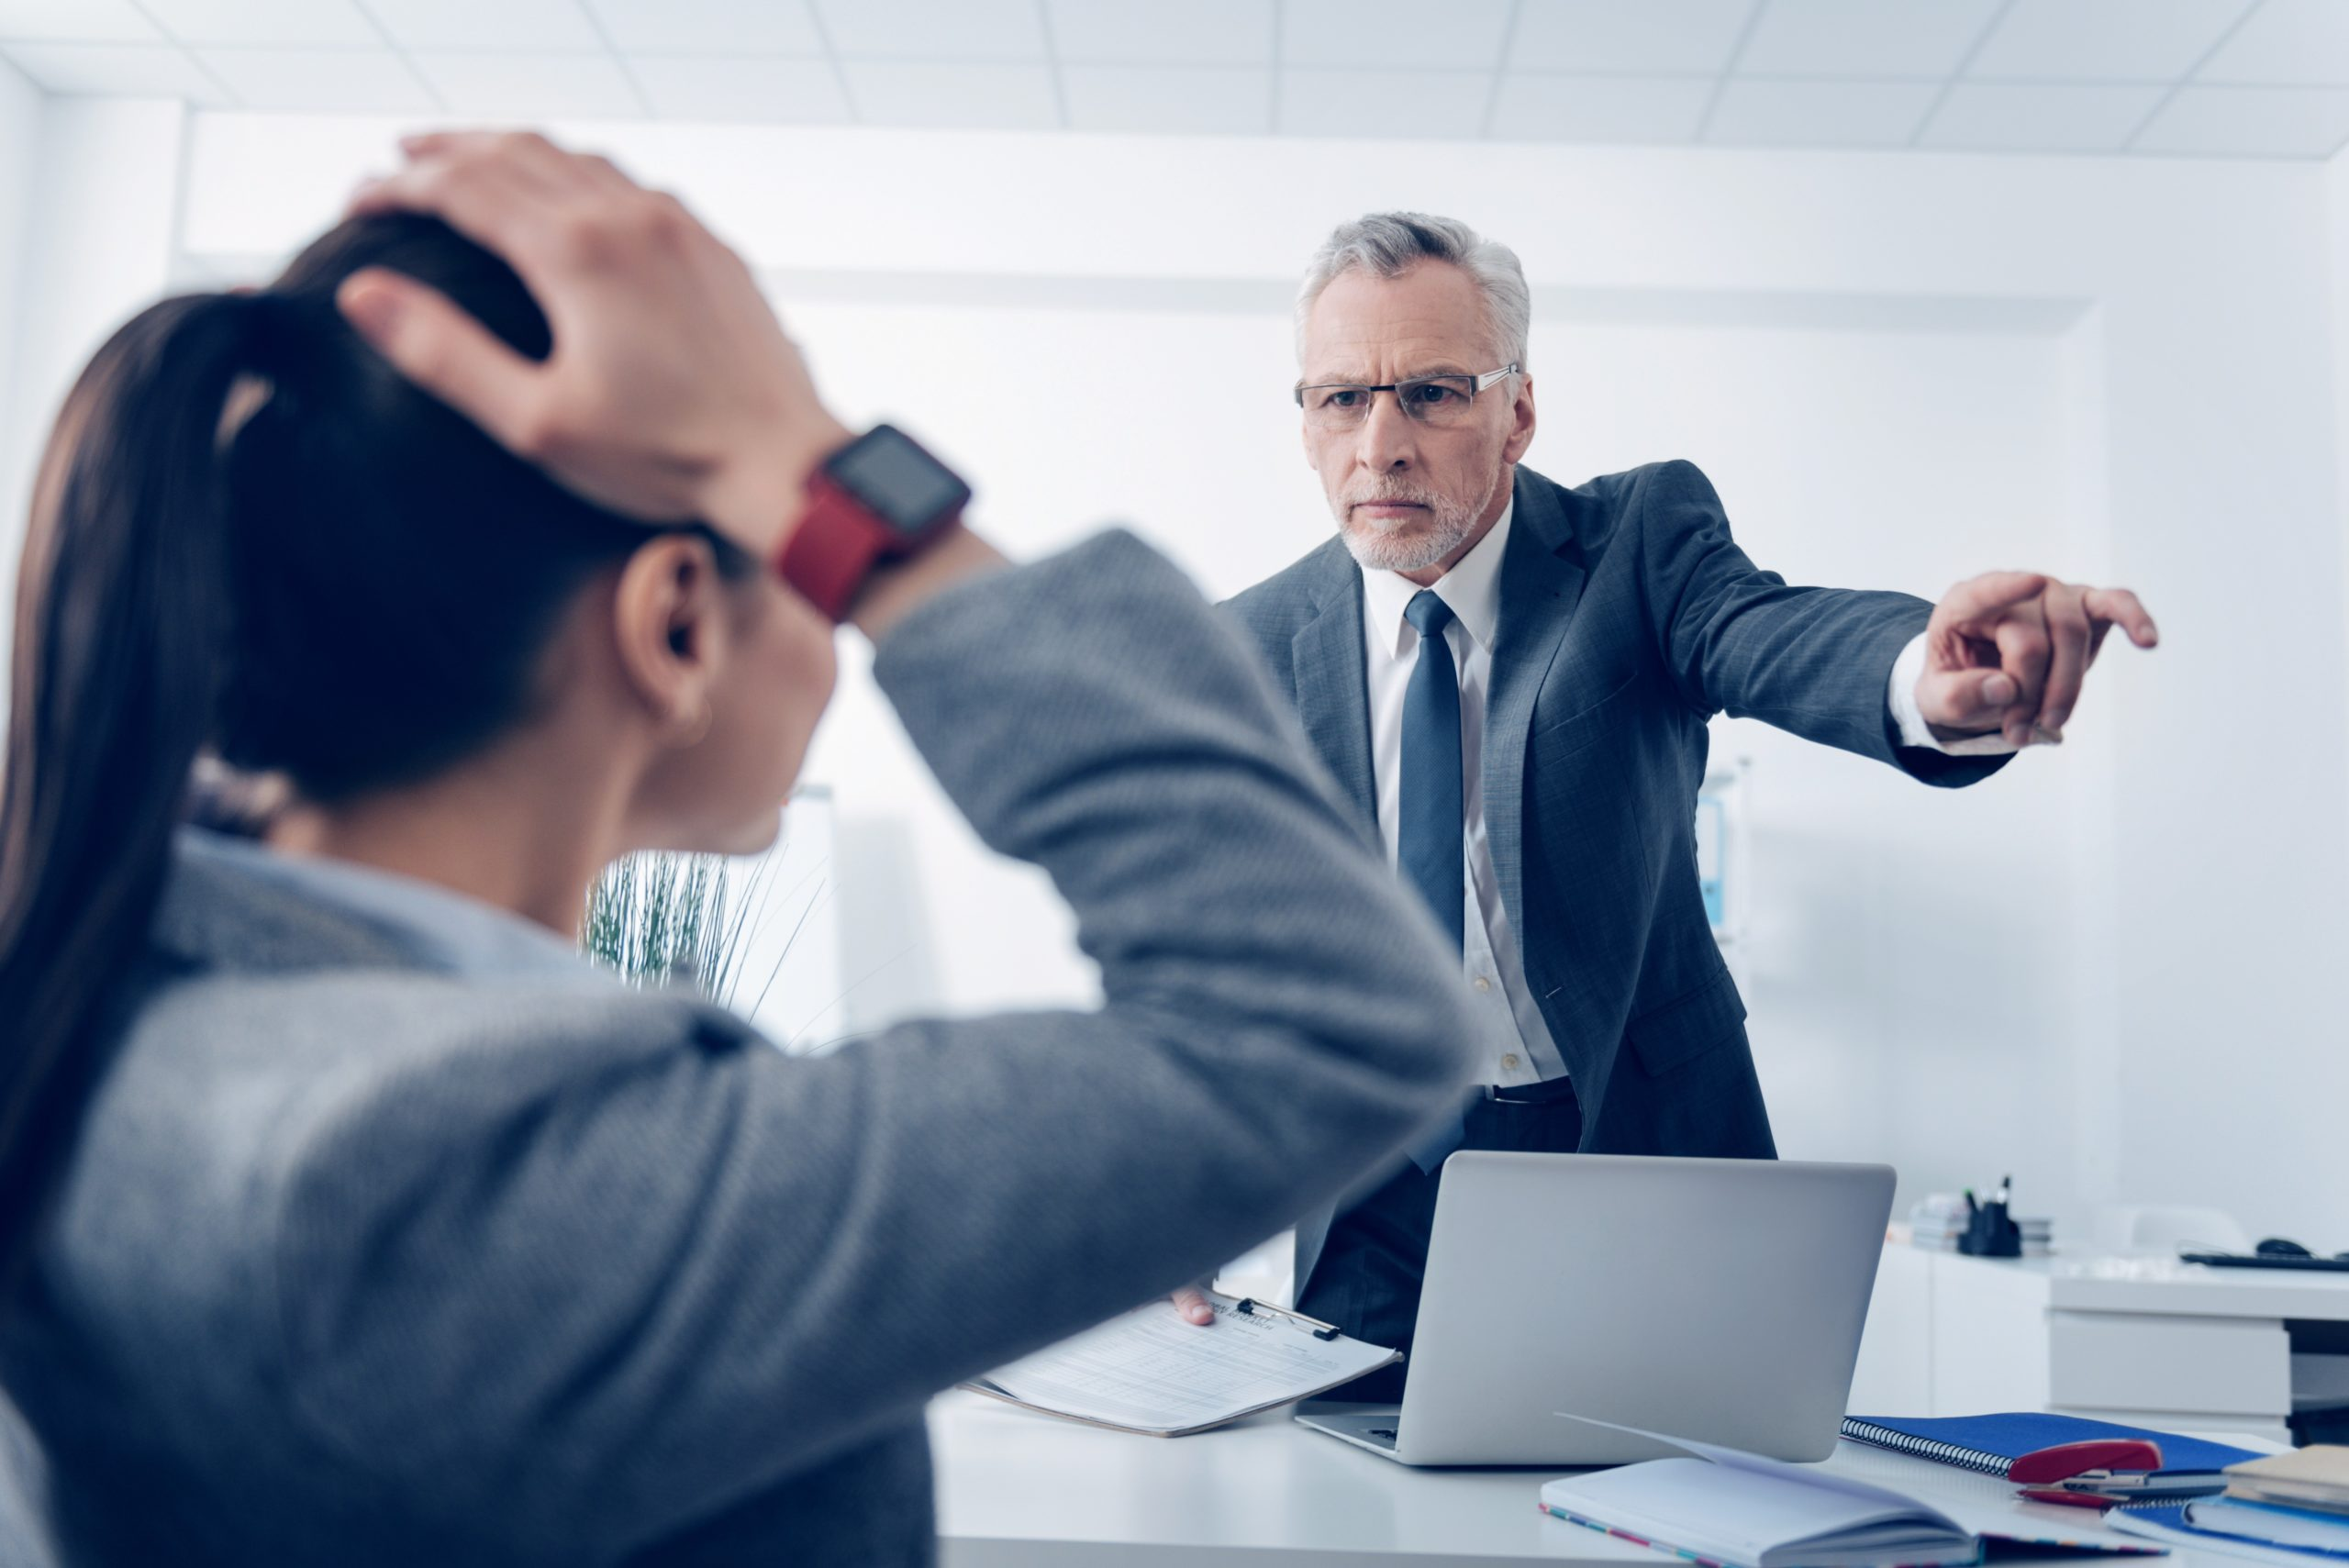 Jak współpracować z trudnym szefem